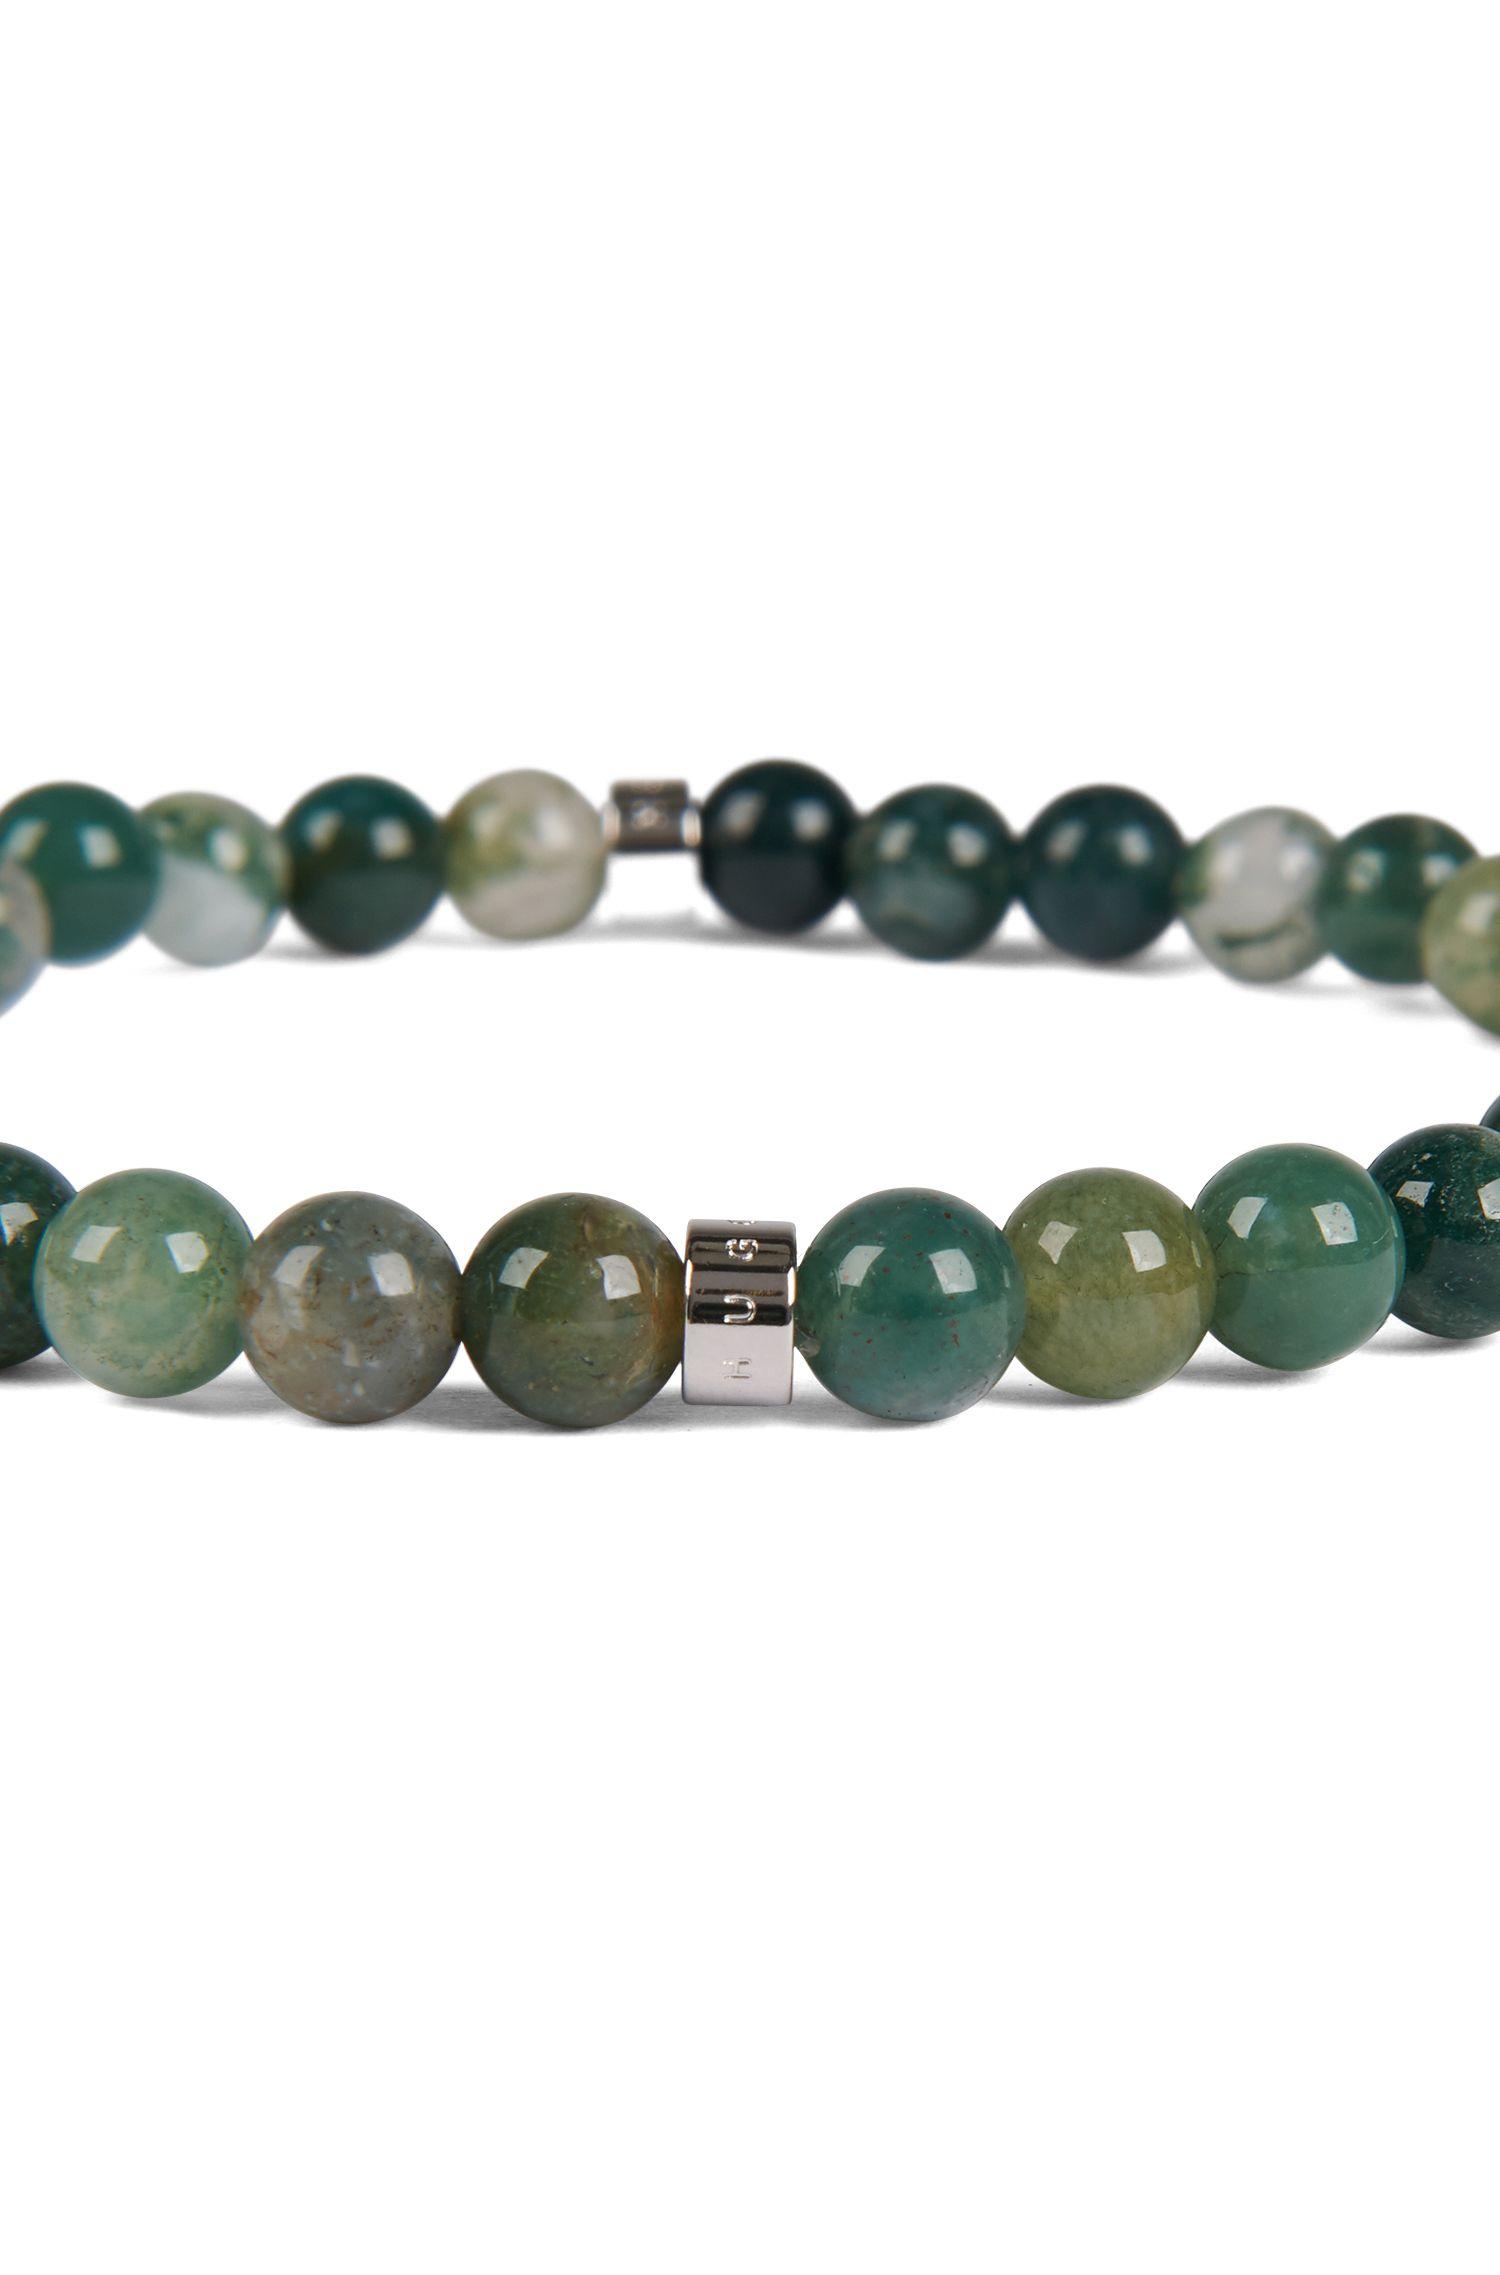 Bracelet en billes d'Agathe confectionné en Italie, Vert sombre